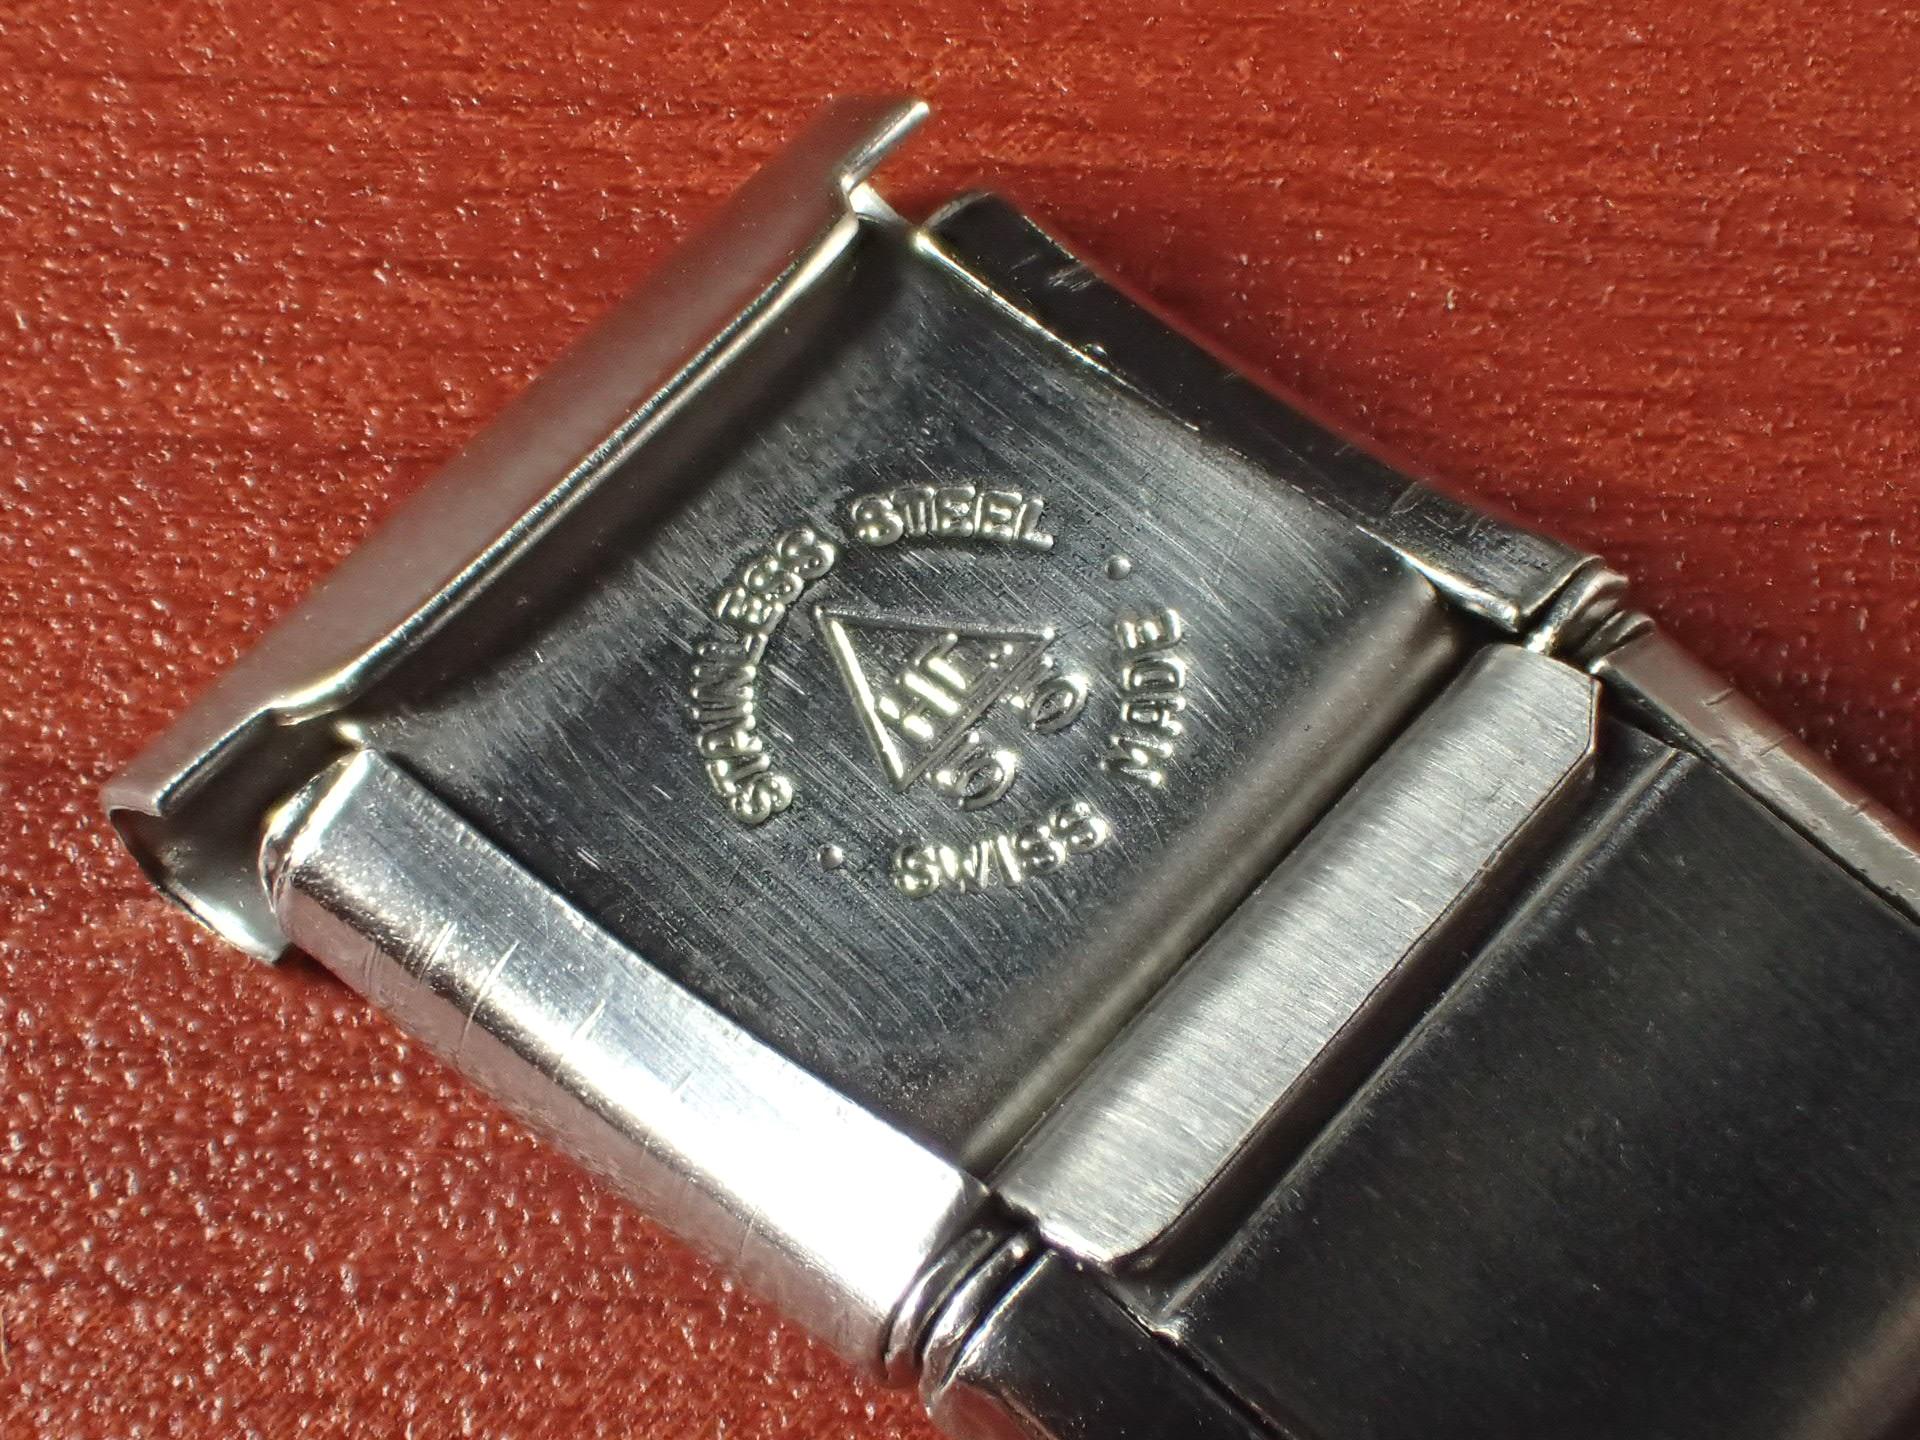 ミドー エクステンションブレスレット NOS 取付幅16mm SS 1950年代の写真4枚目